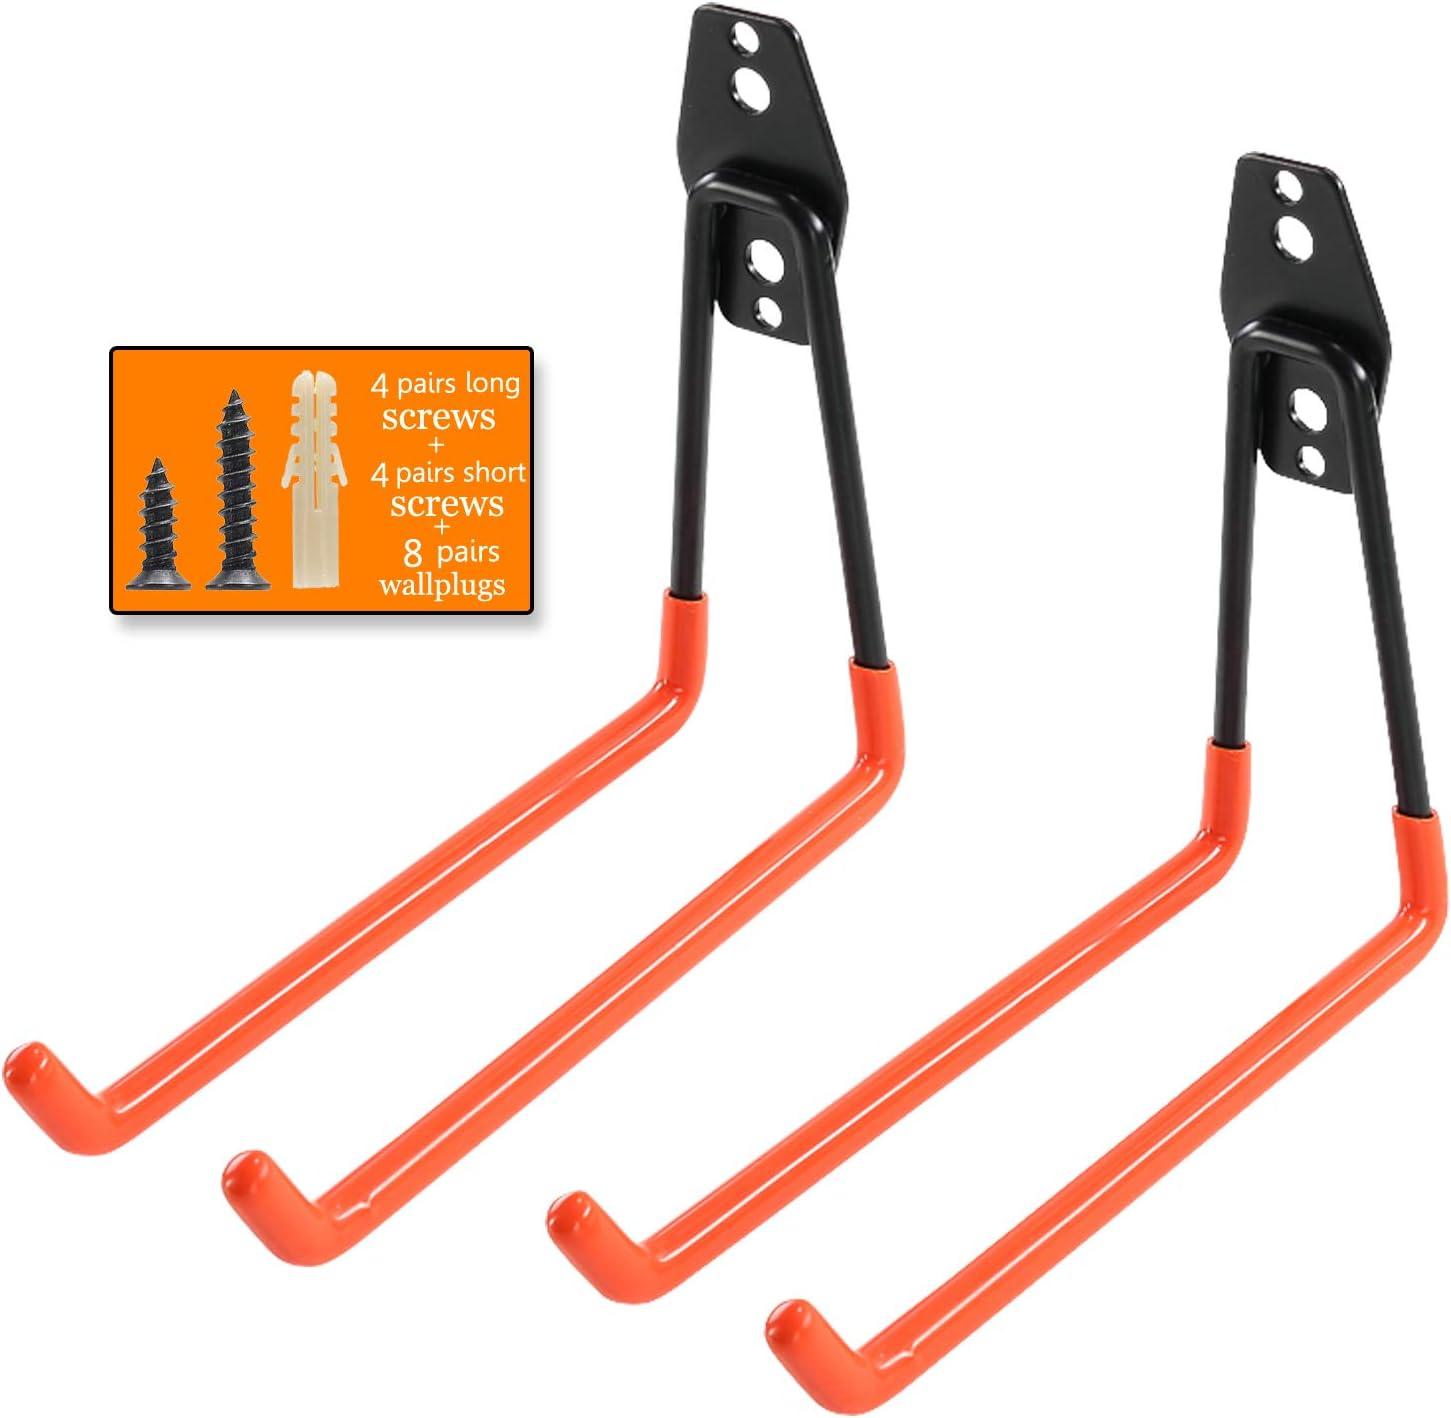 color negro 6 unidades ganchos para colgar en garaje de almacenamiento para escaleras bicicletas y herramientas organizador de pared Ganchos de garaje y colgadores de alta resistencia